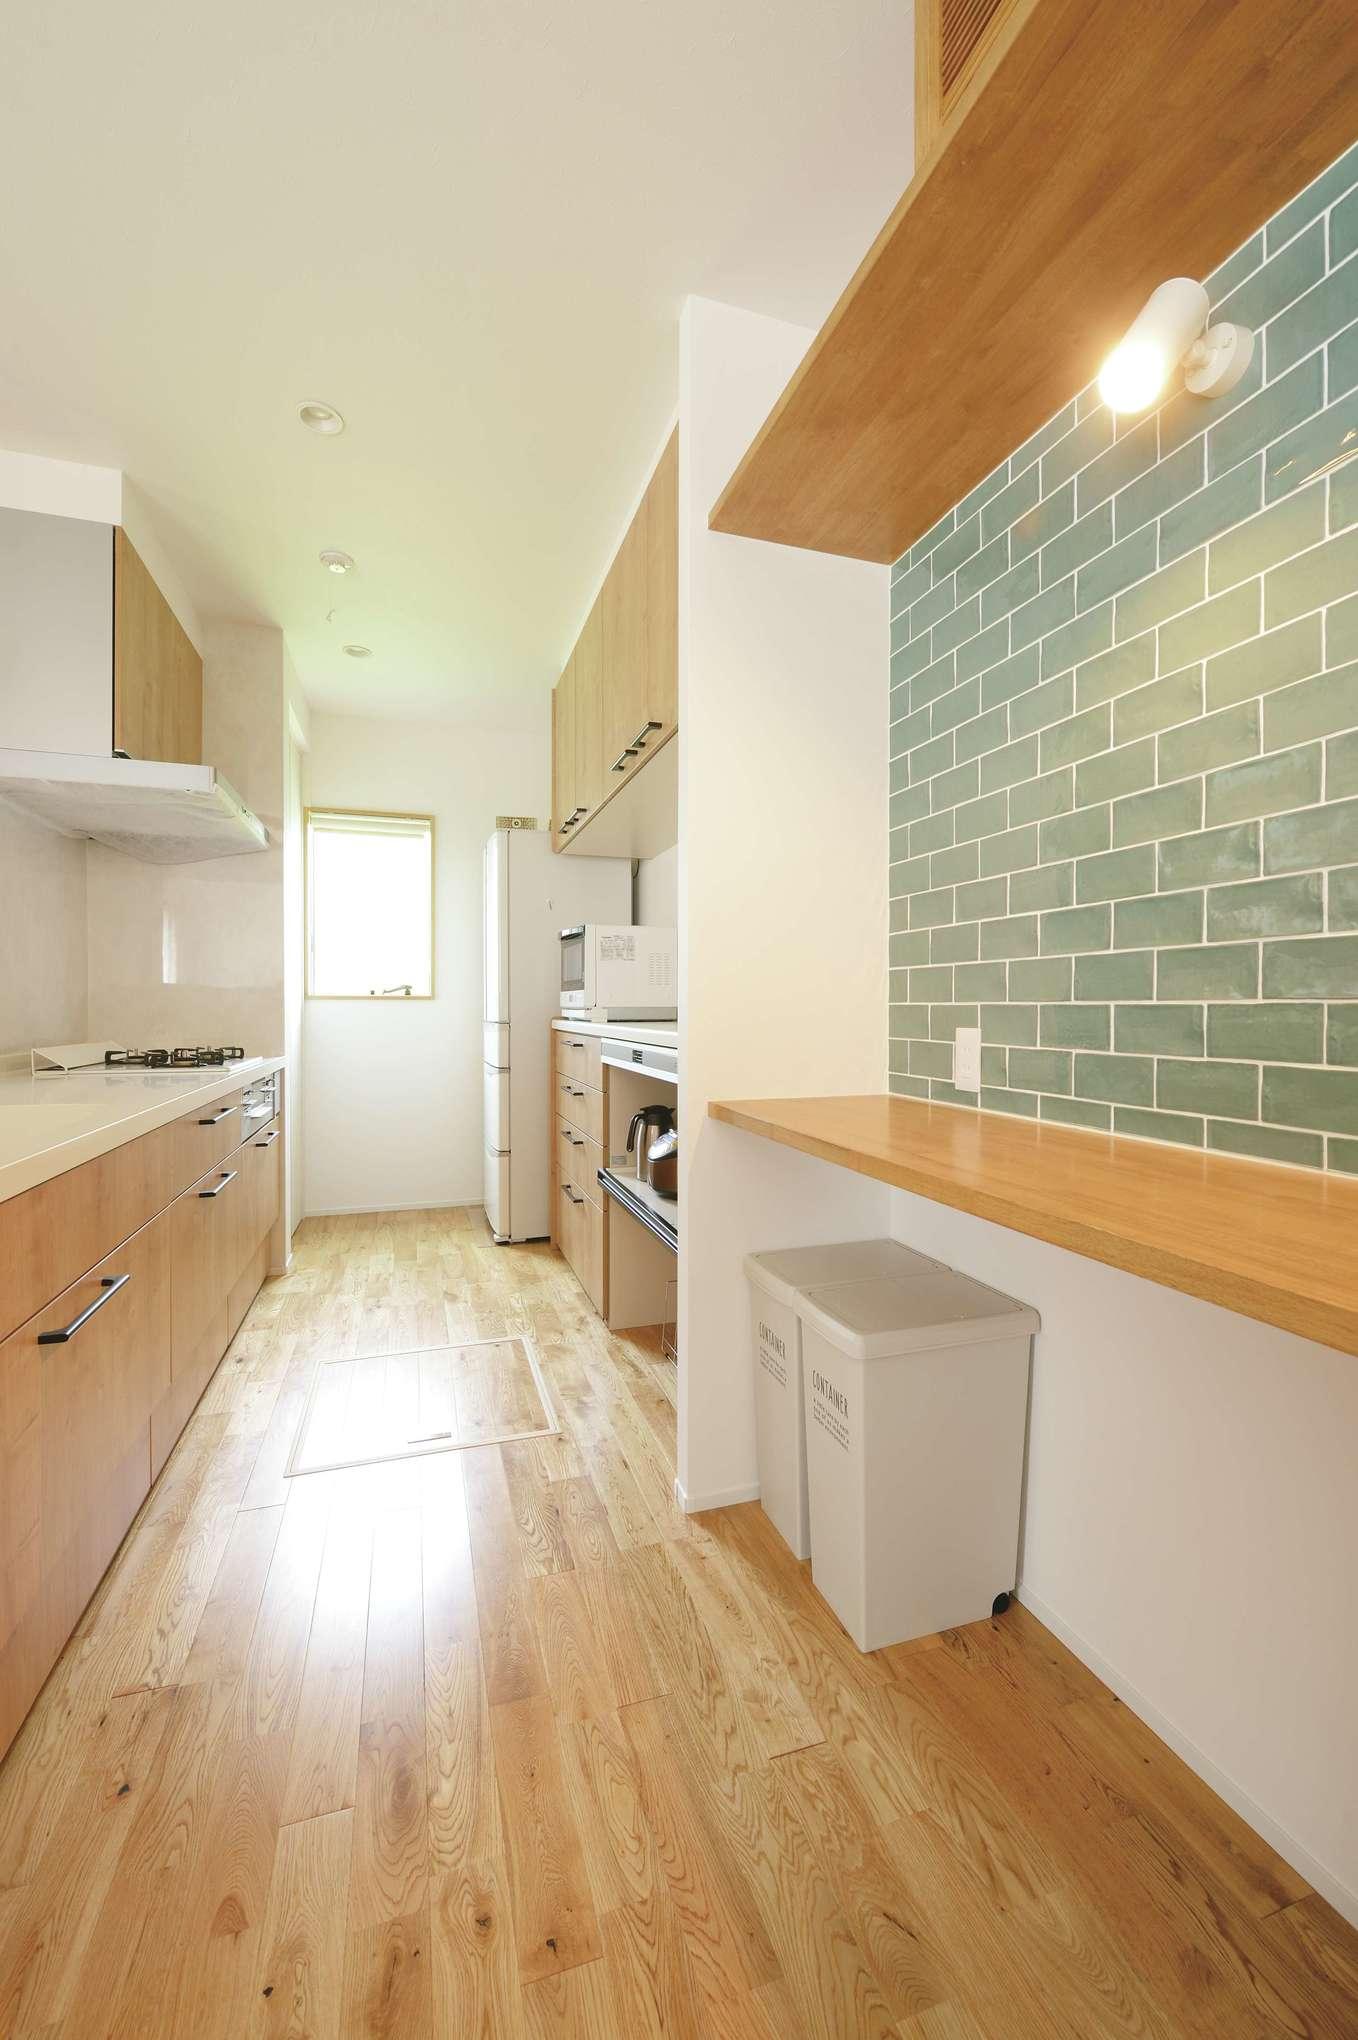 小玉建設【デザイン住宅、自然素材、間取り】作業台の壁面は掃除がしやすいようにタイル貼り。ギリギリまで悩んだ末に選んだというブルーグリーンのタイルは、ナチュラルカラーを基調としているLDKの中でアクセントカラーとして映えている